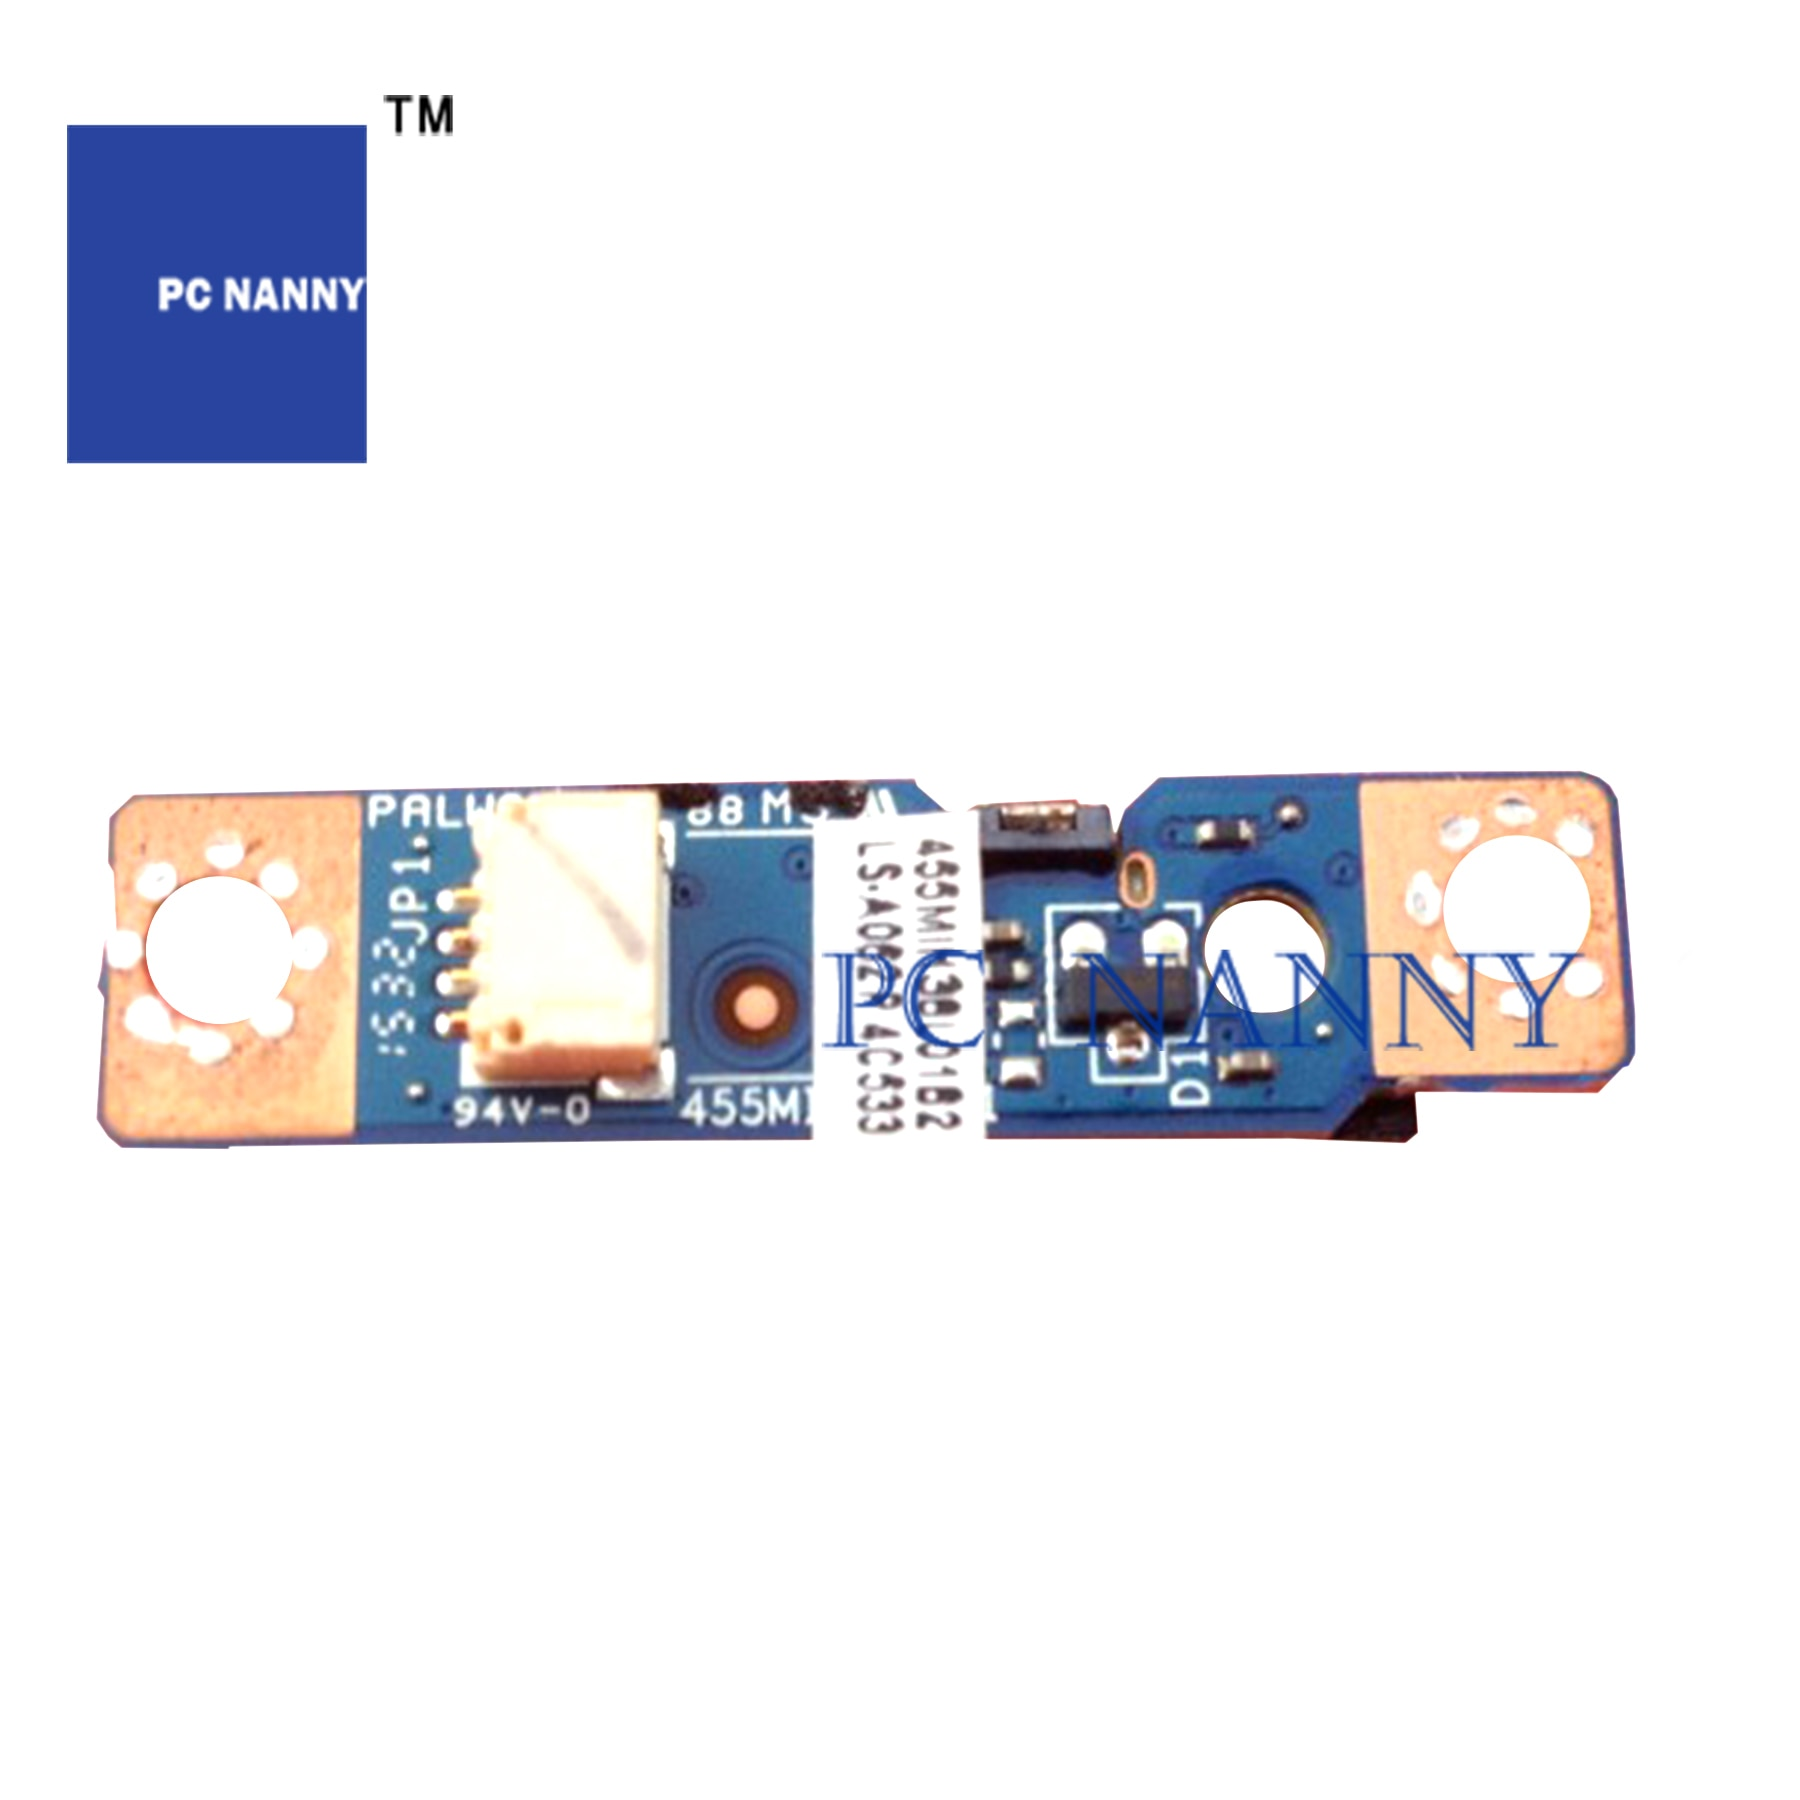 Pcnوالماني لجهاز Lenovo C560 لوحة زر الطاقة 90005360 كابل الطاقة 90204815